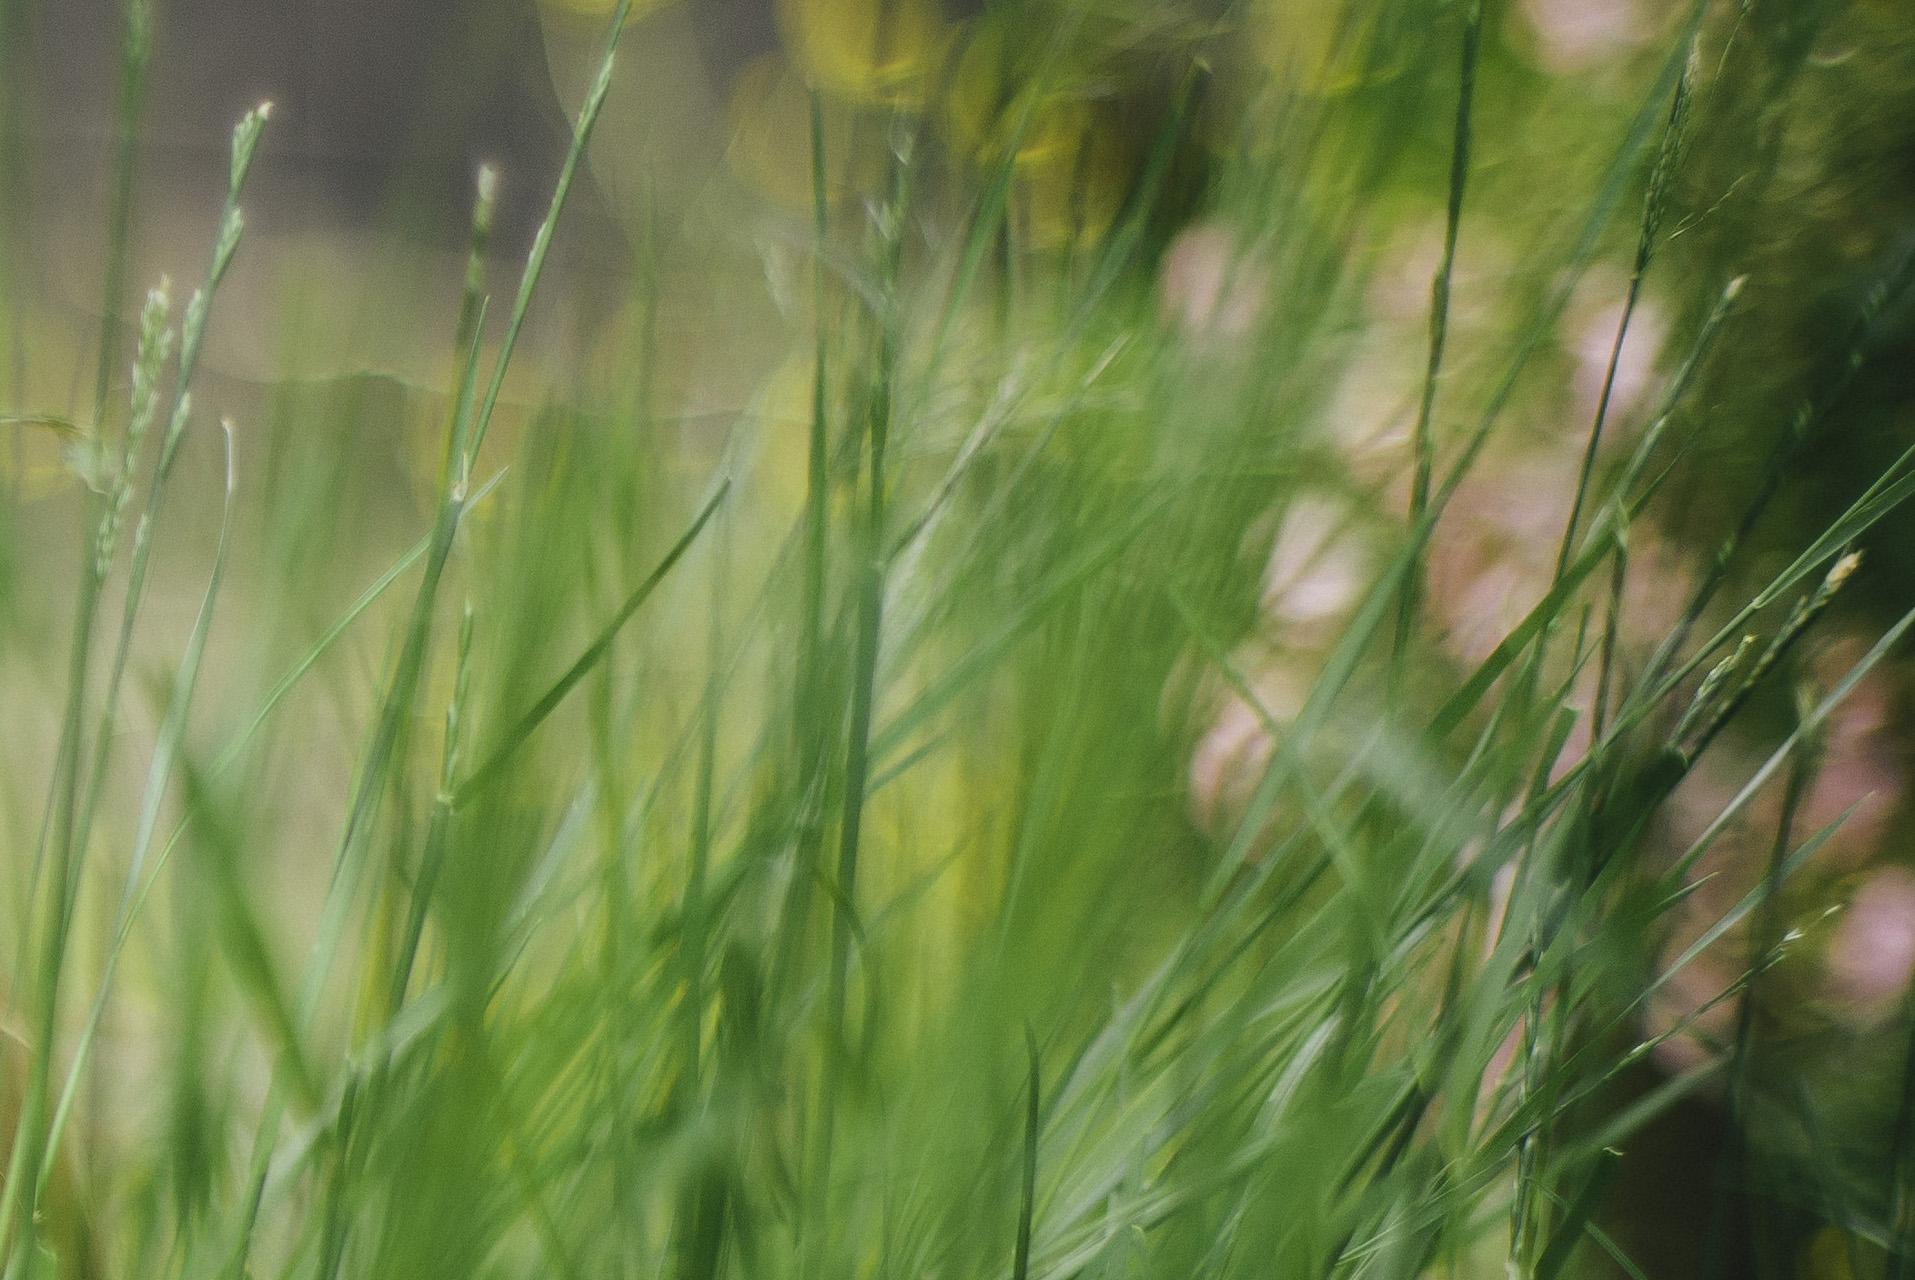 Ver ffentlichungen steurer gartengestaltung for Gartengestaltung john